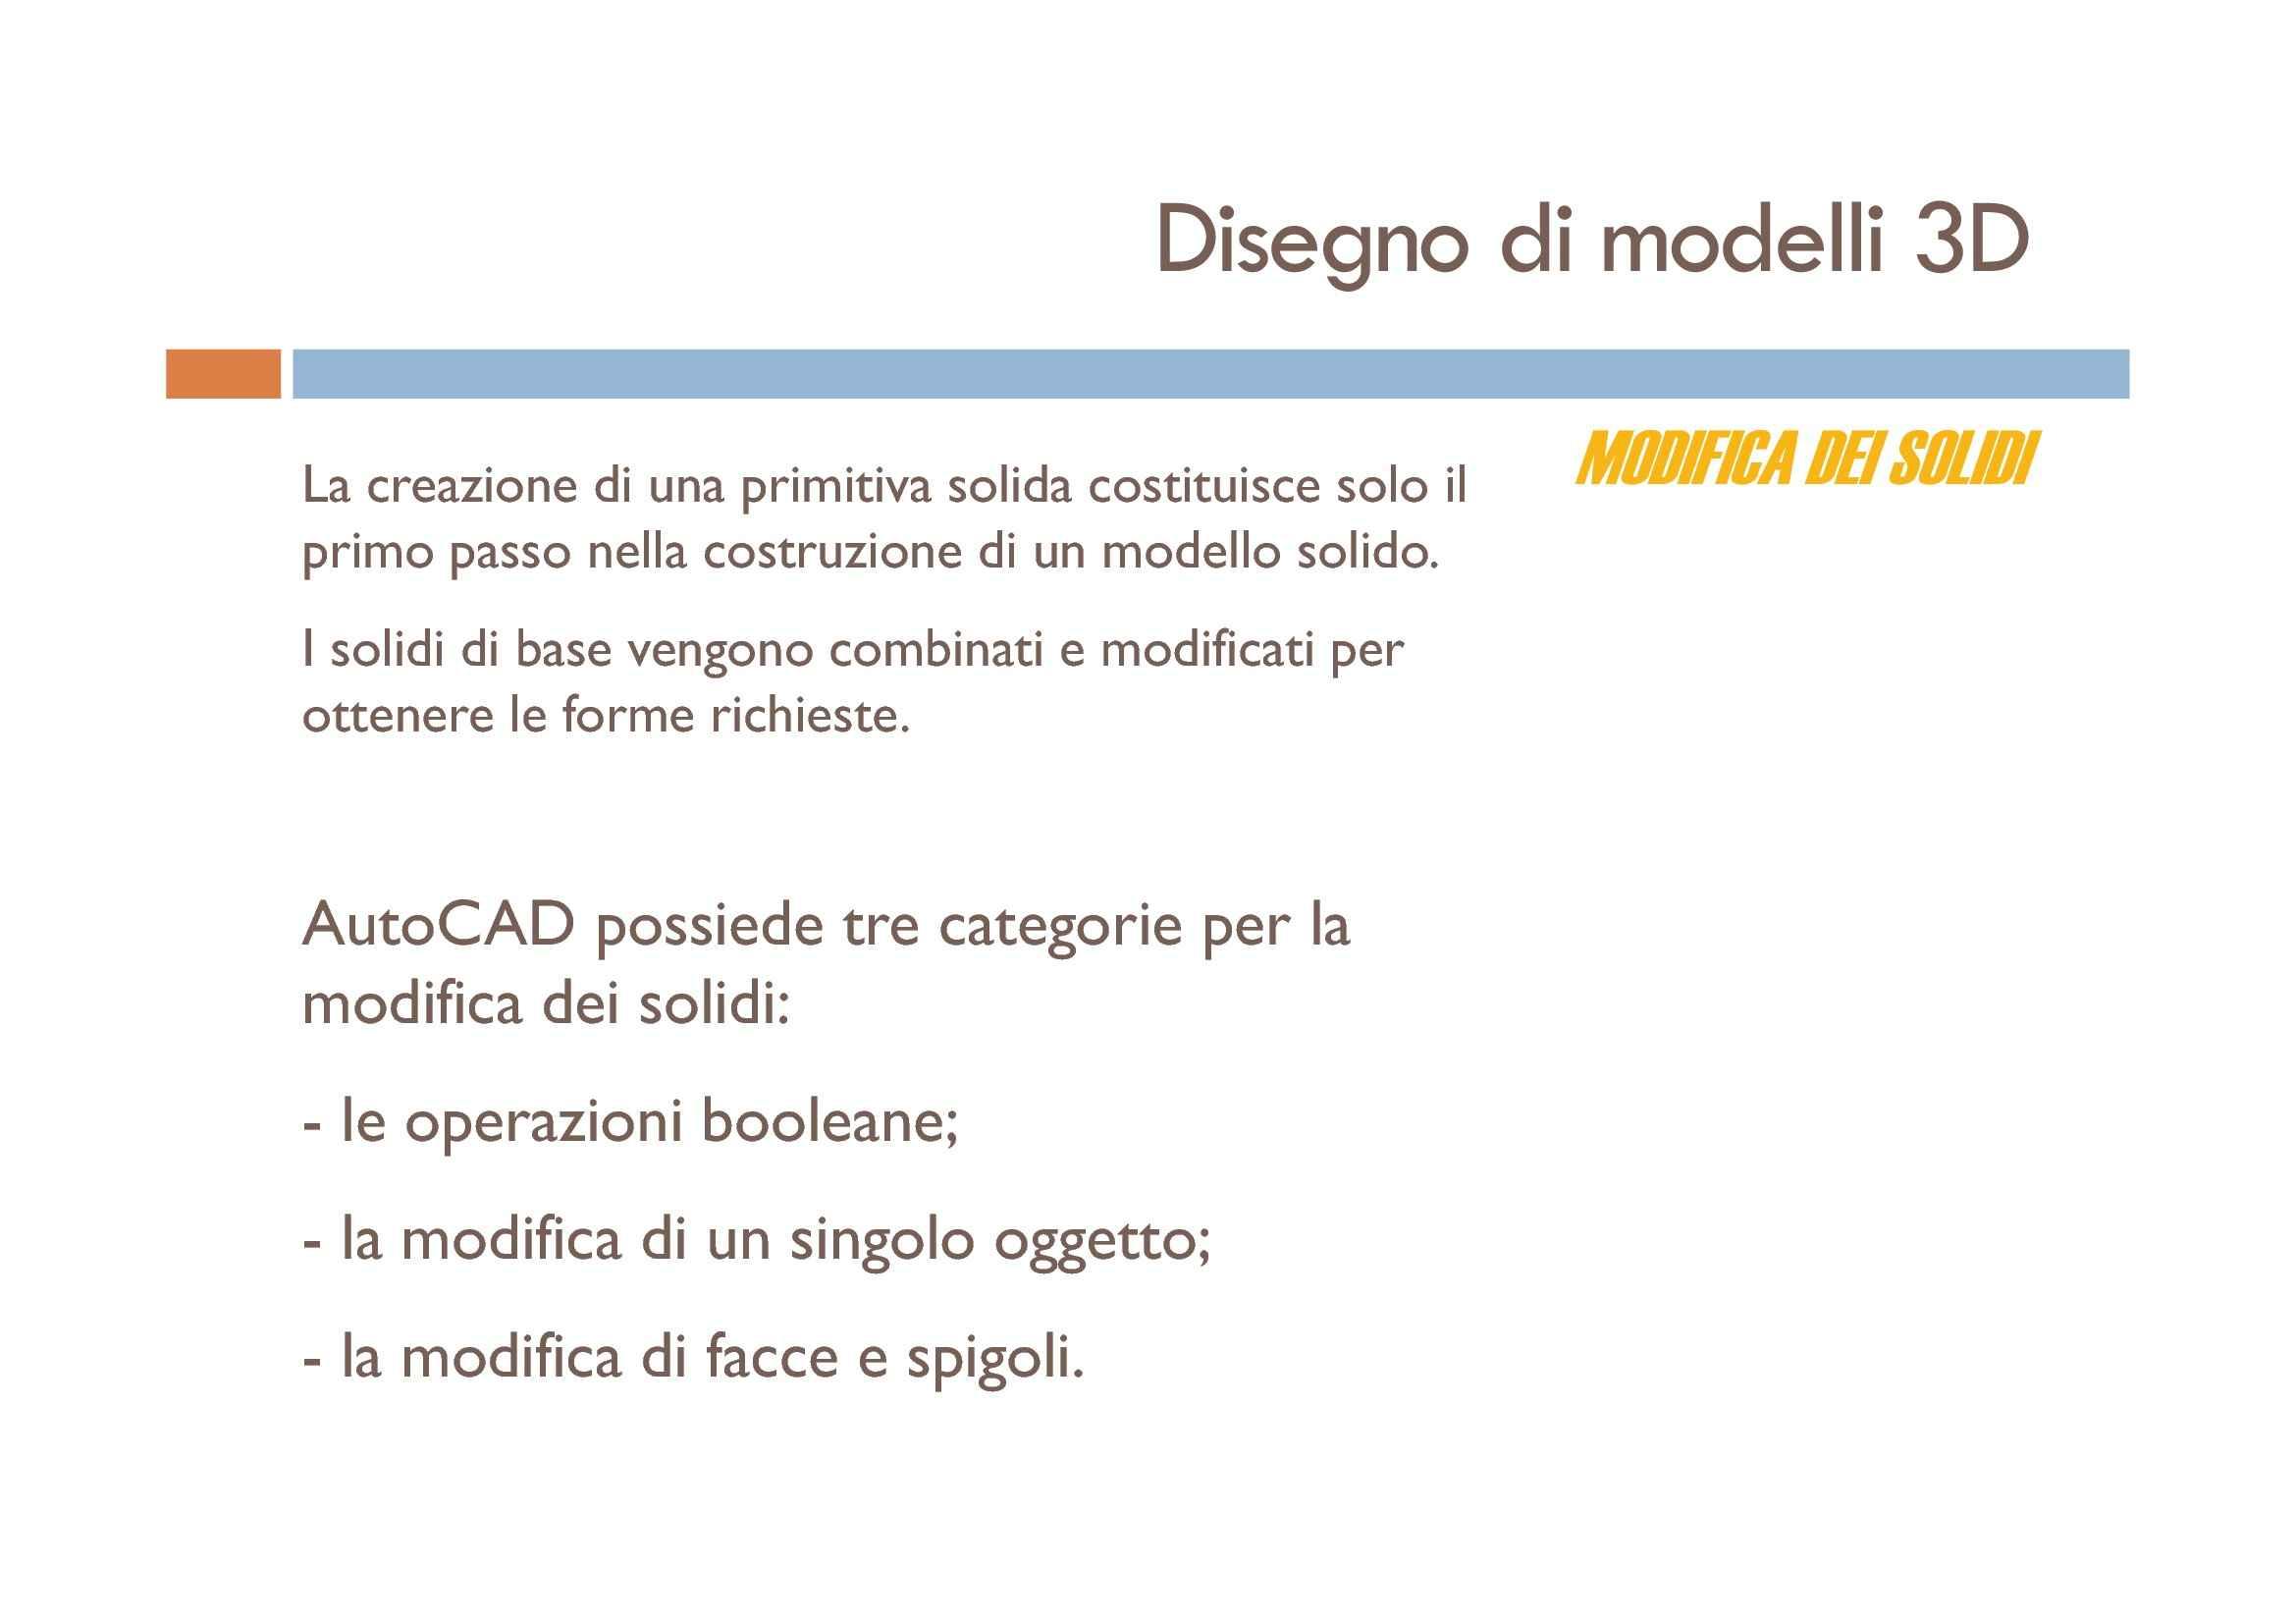 Disegno di modelli 3D